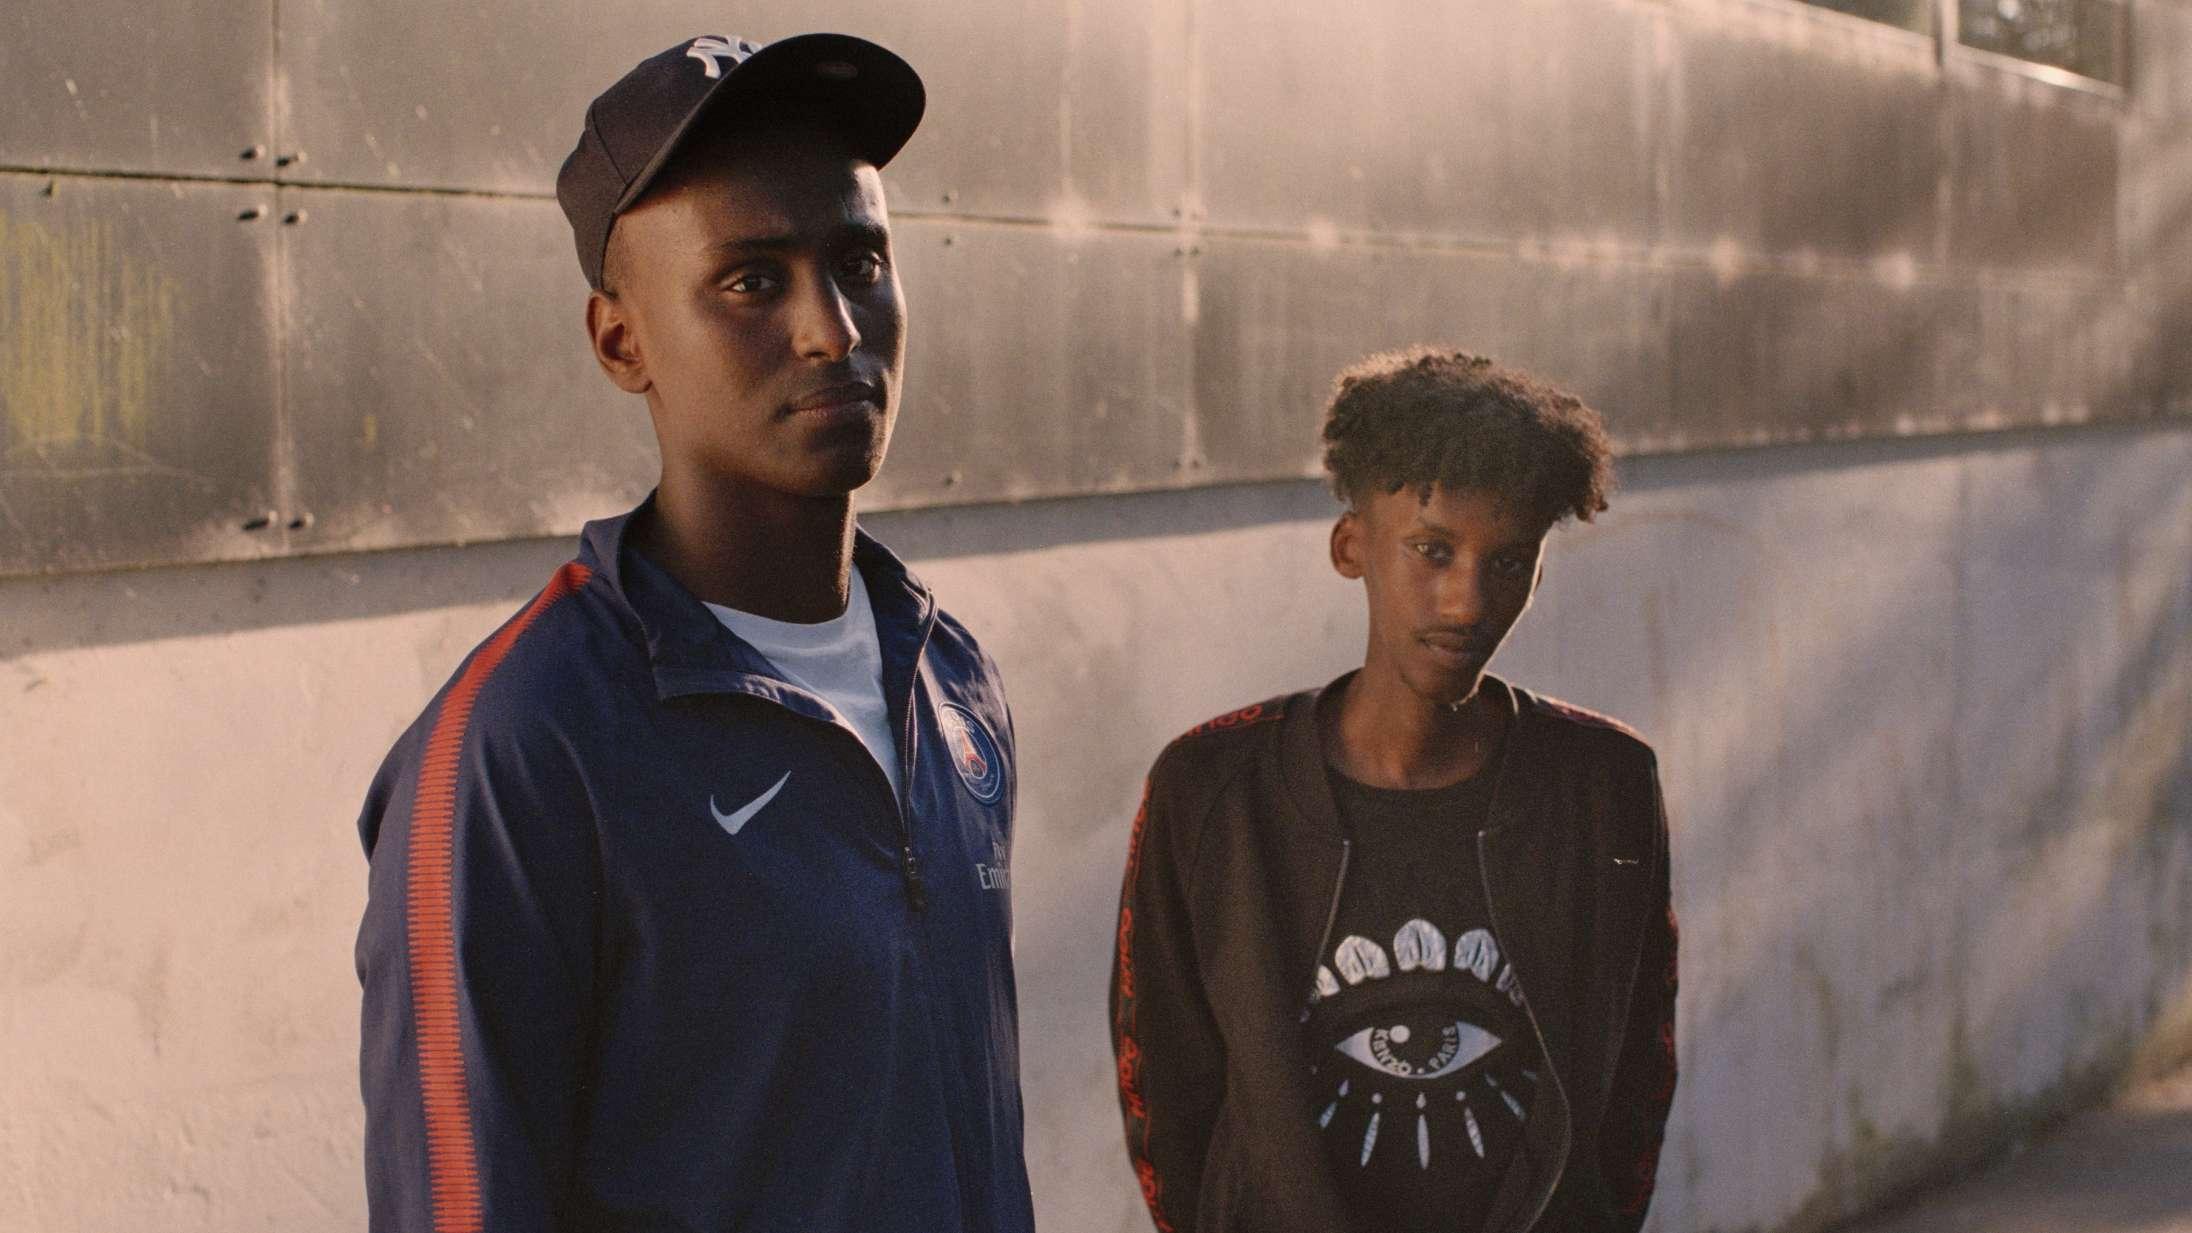 DR-serien 'Ghettostjerner' er intet mindre end en øjenåbner, hvis man vil forstå ung dansk gaderap